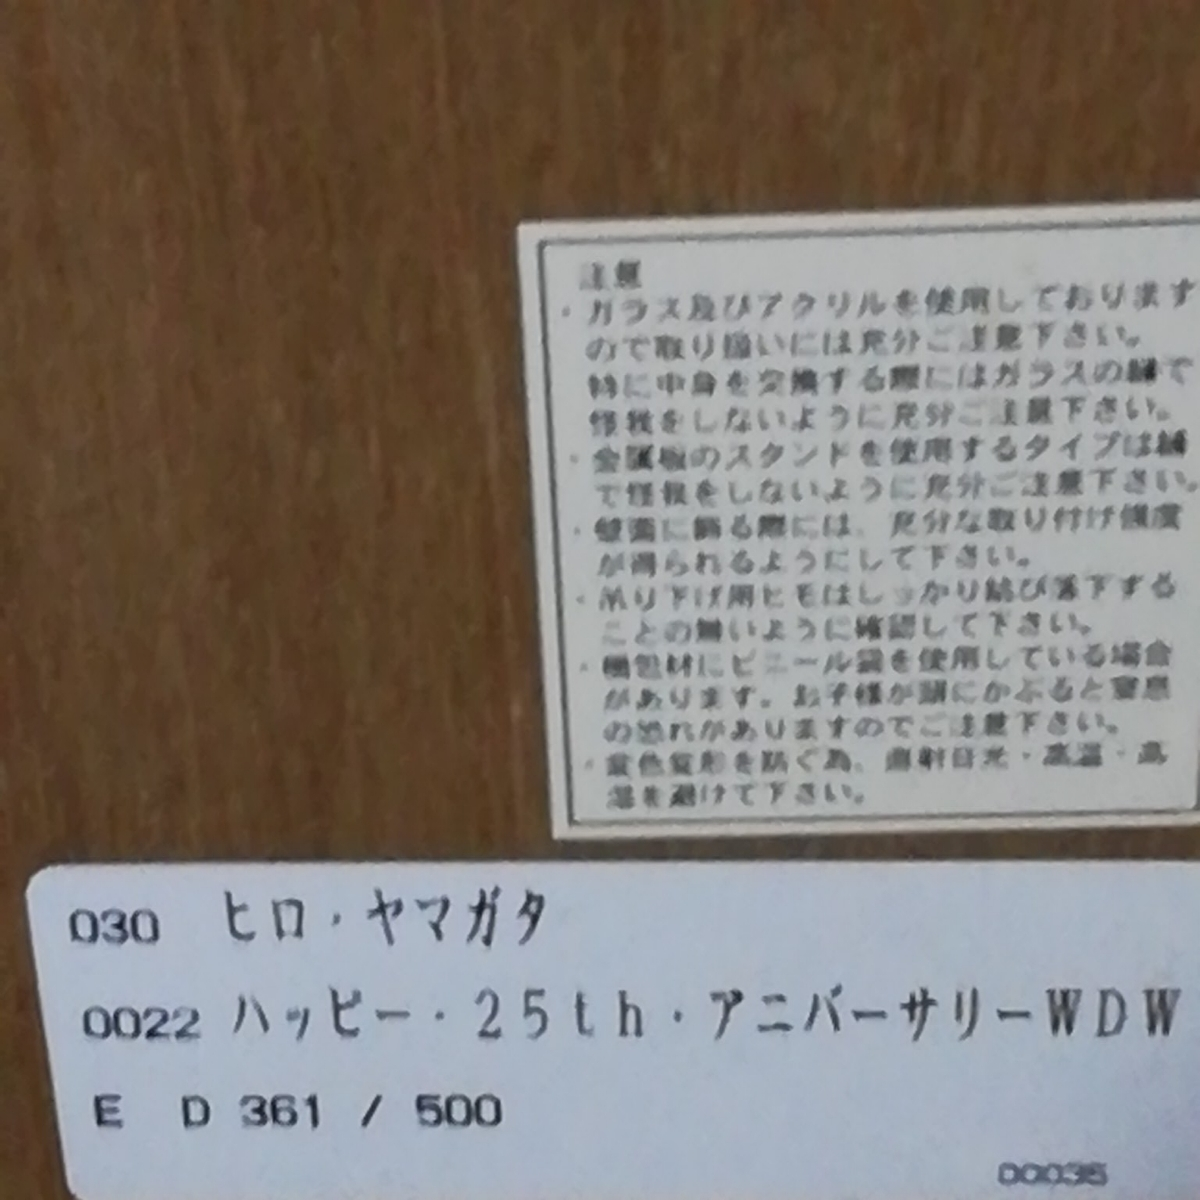 ヒロ・ヤマガタシルクスクリーンハッピー25th アニバーサリーwdw_画像5